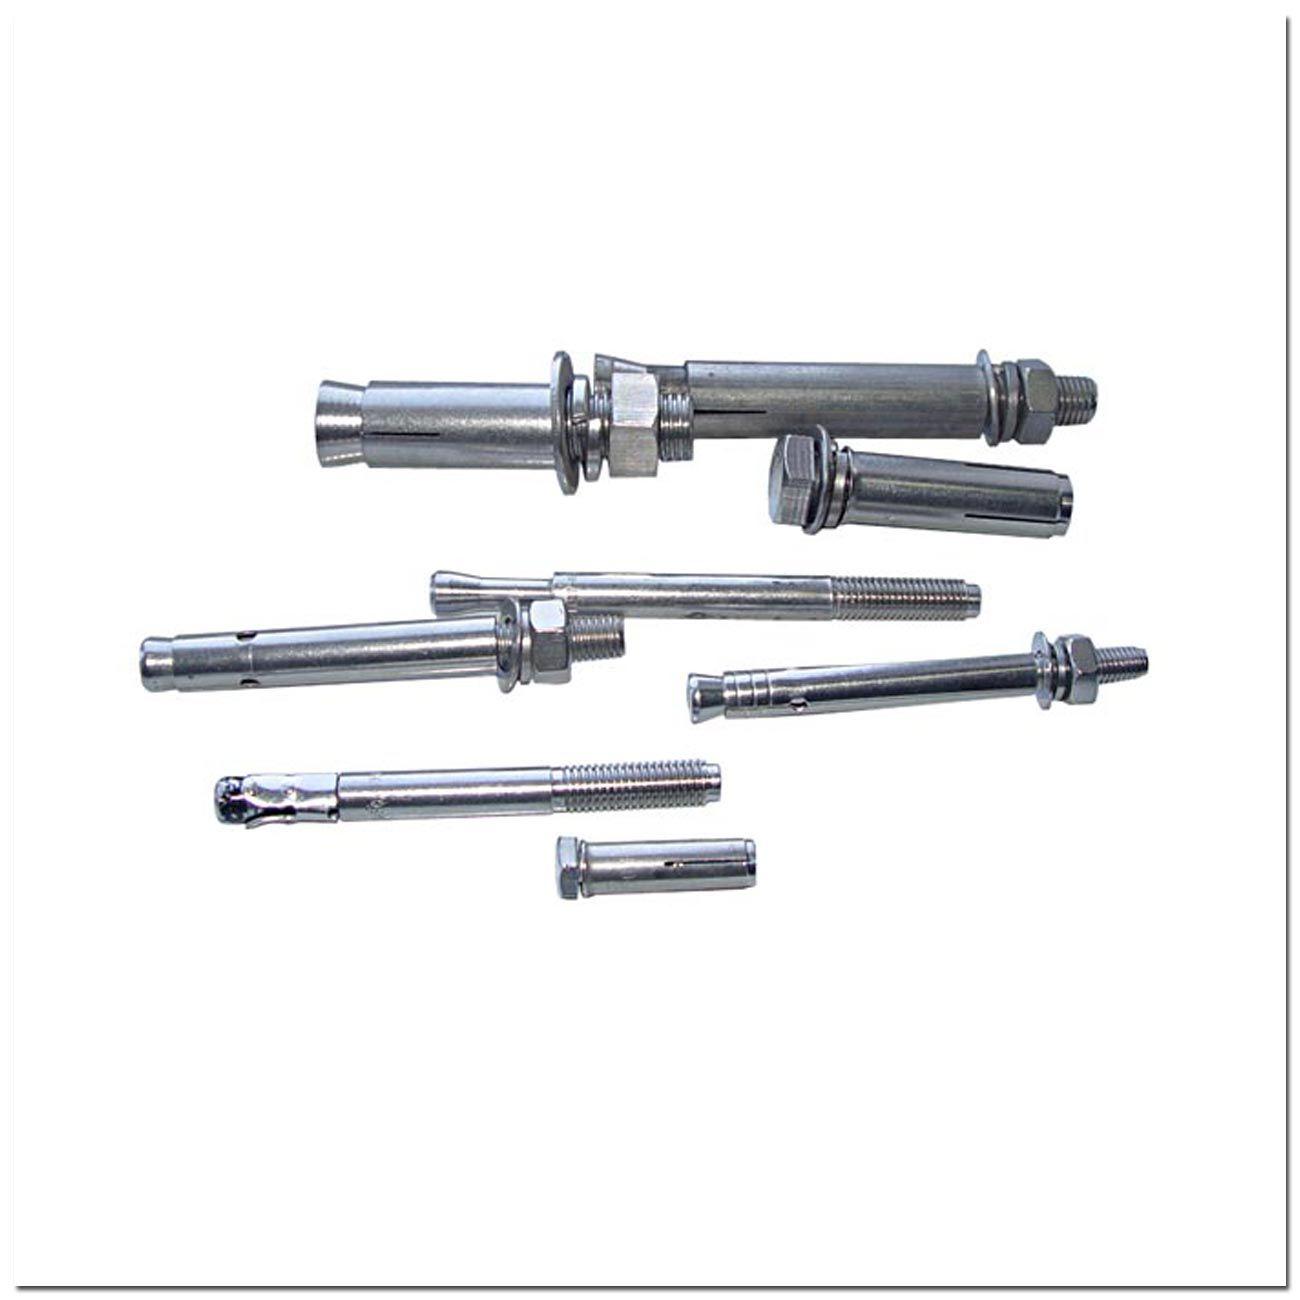 优质膨胀螺栓 - 达耀紧固件